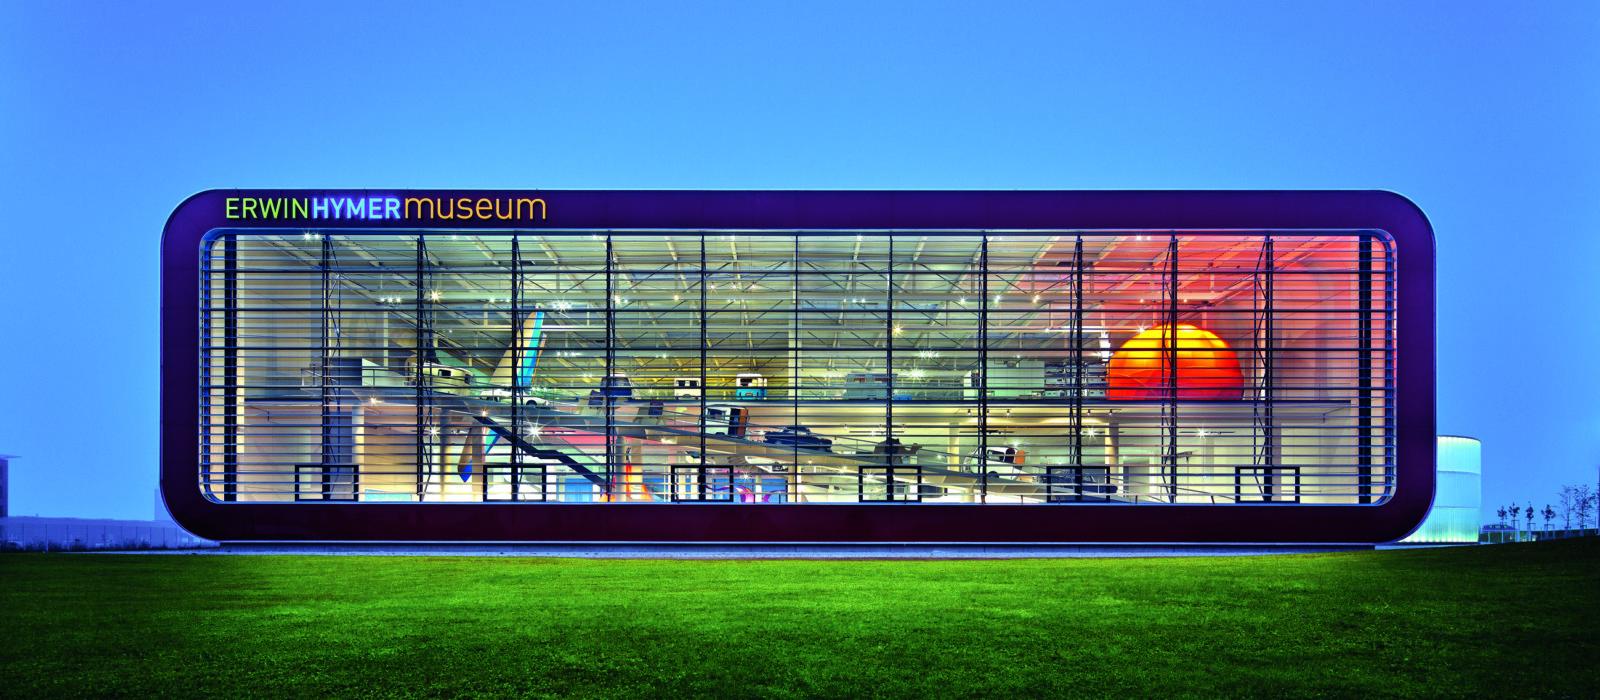 Ansicht Erwin-Hymer-Museum von außen